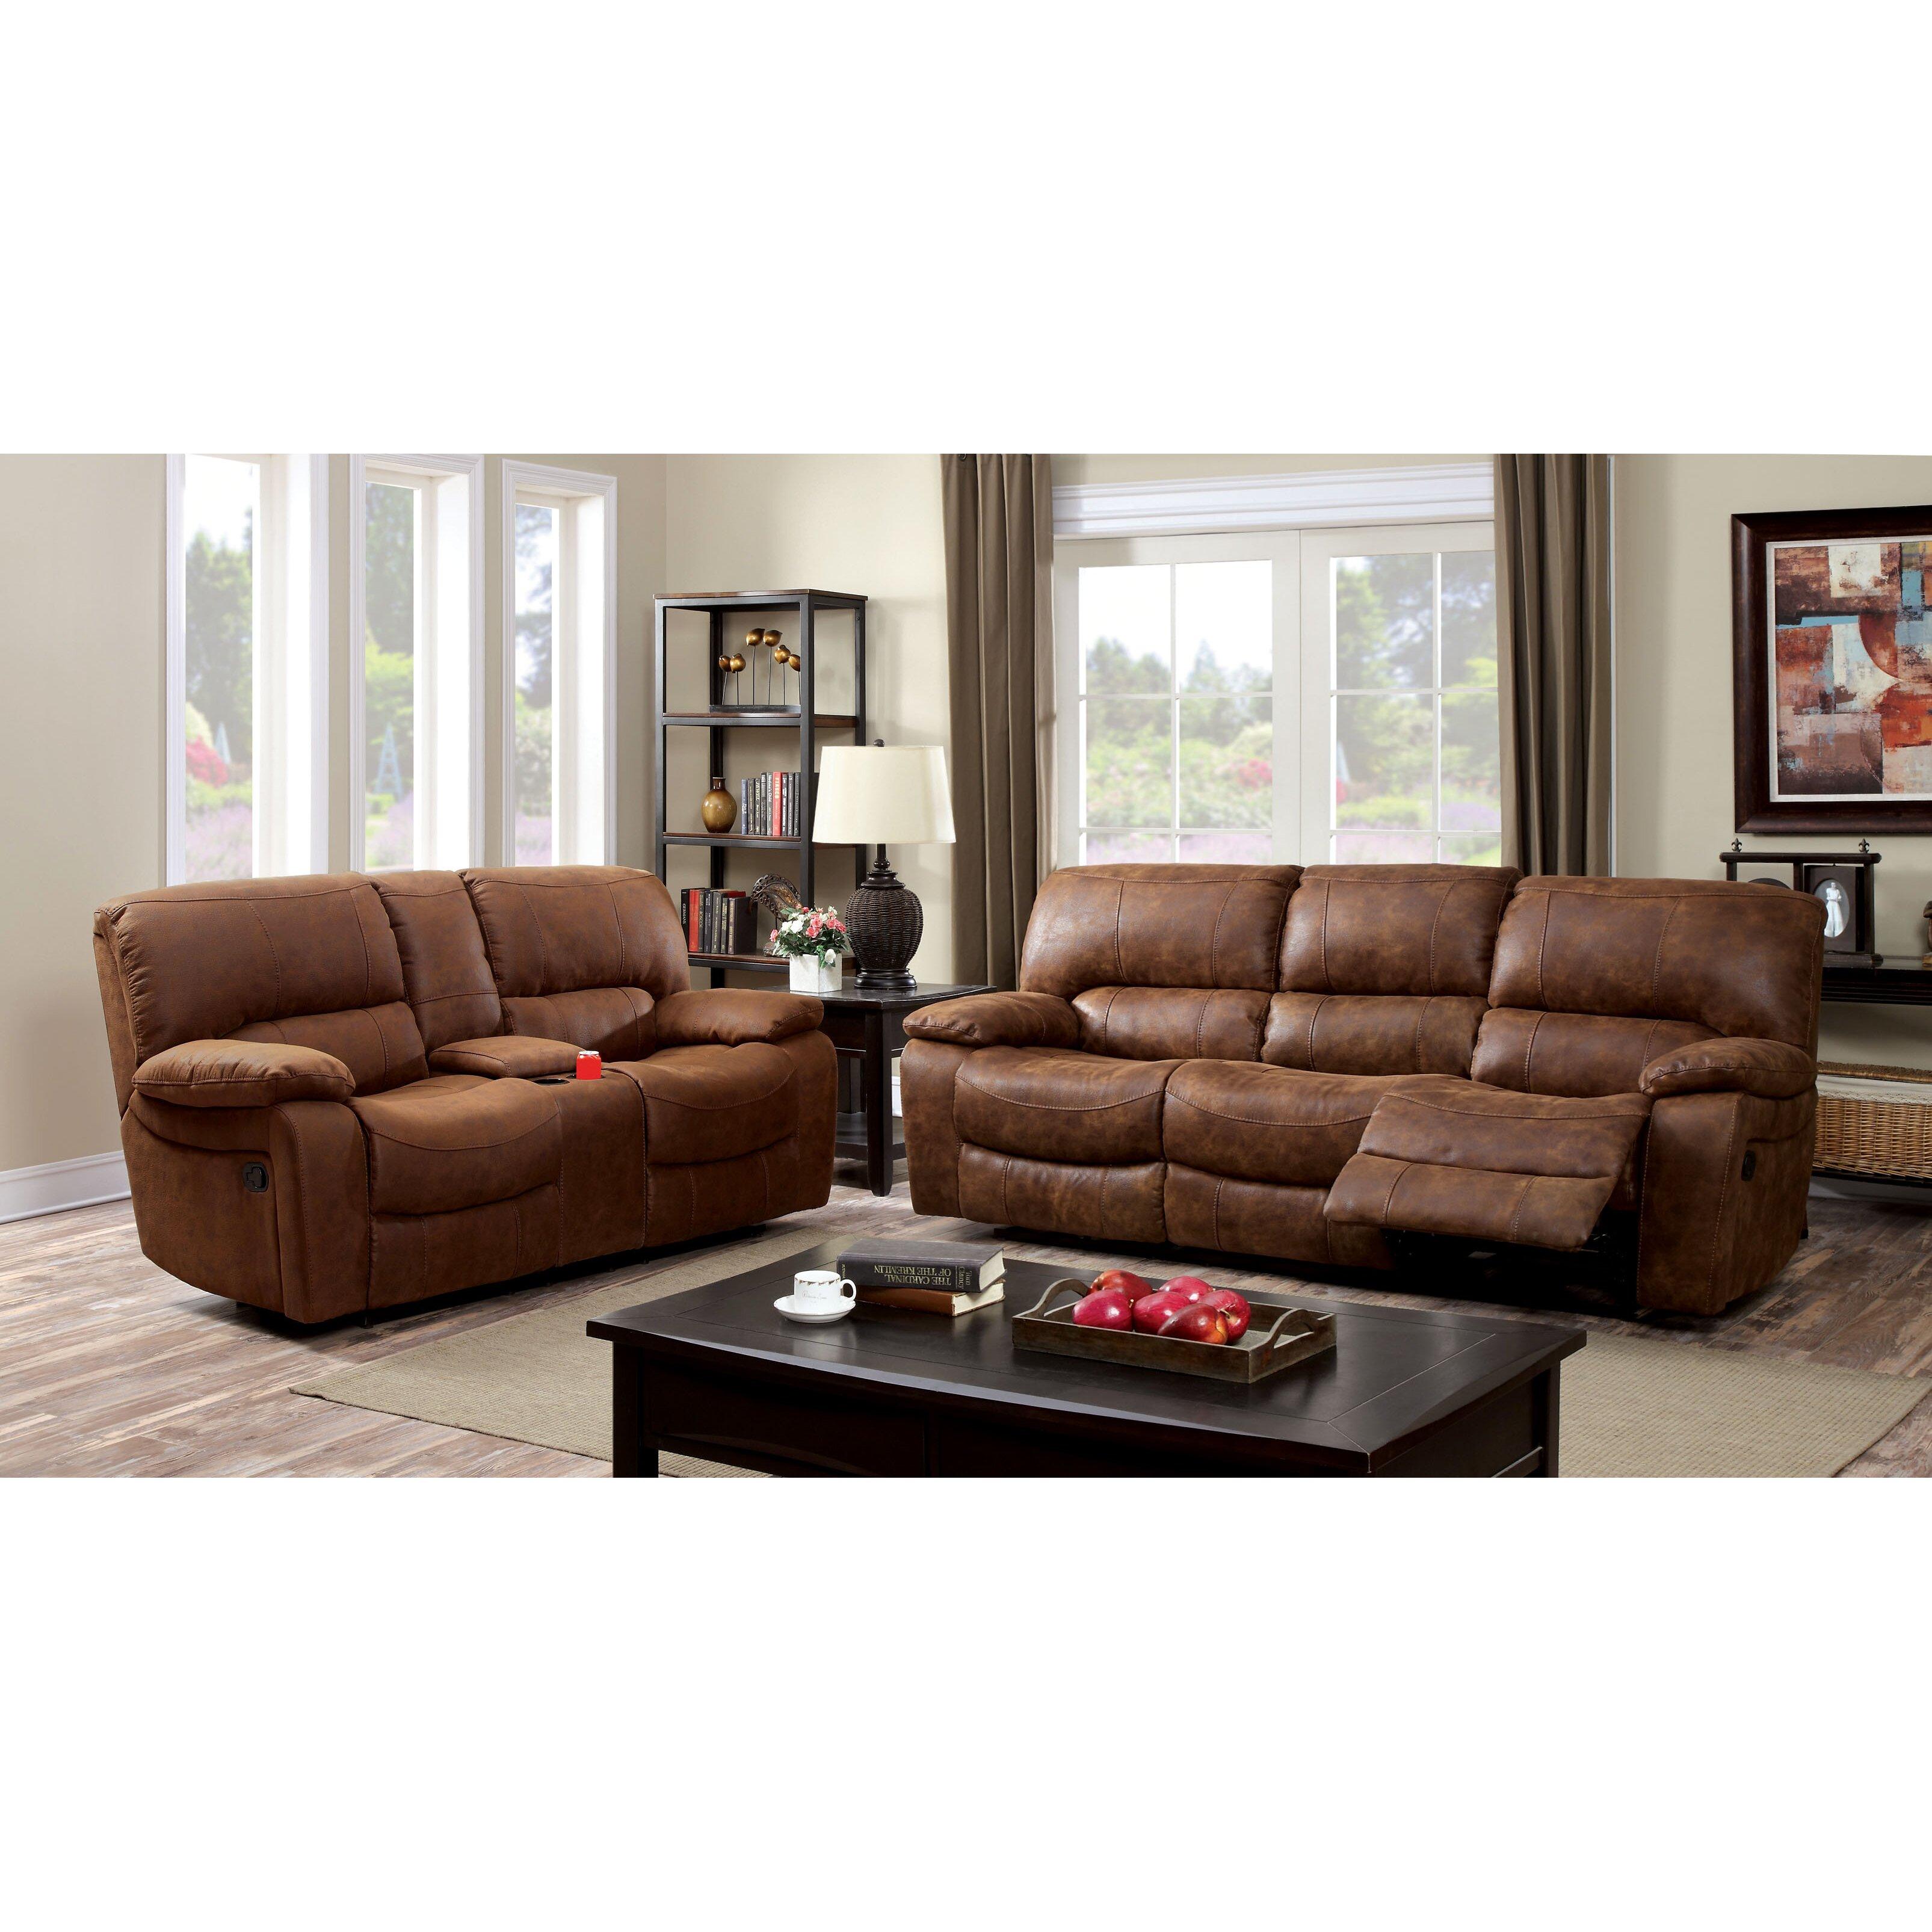 Hokku designs bethune living room collection reviews for Hokku designs living room furniture